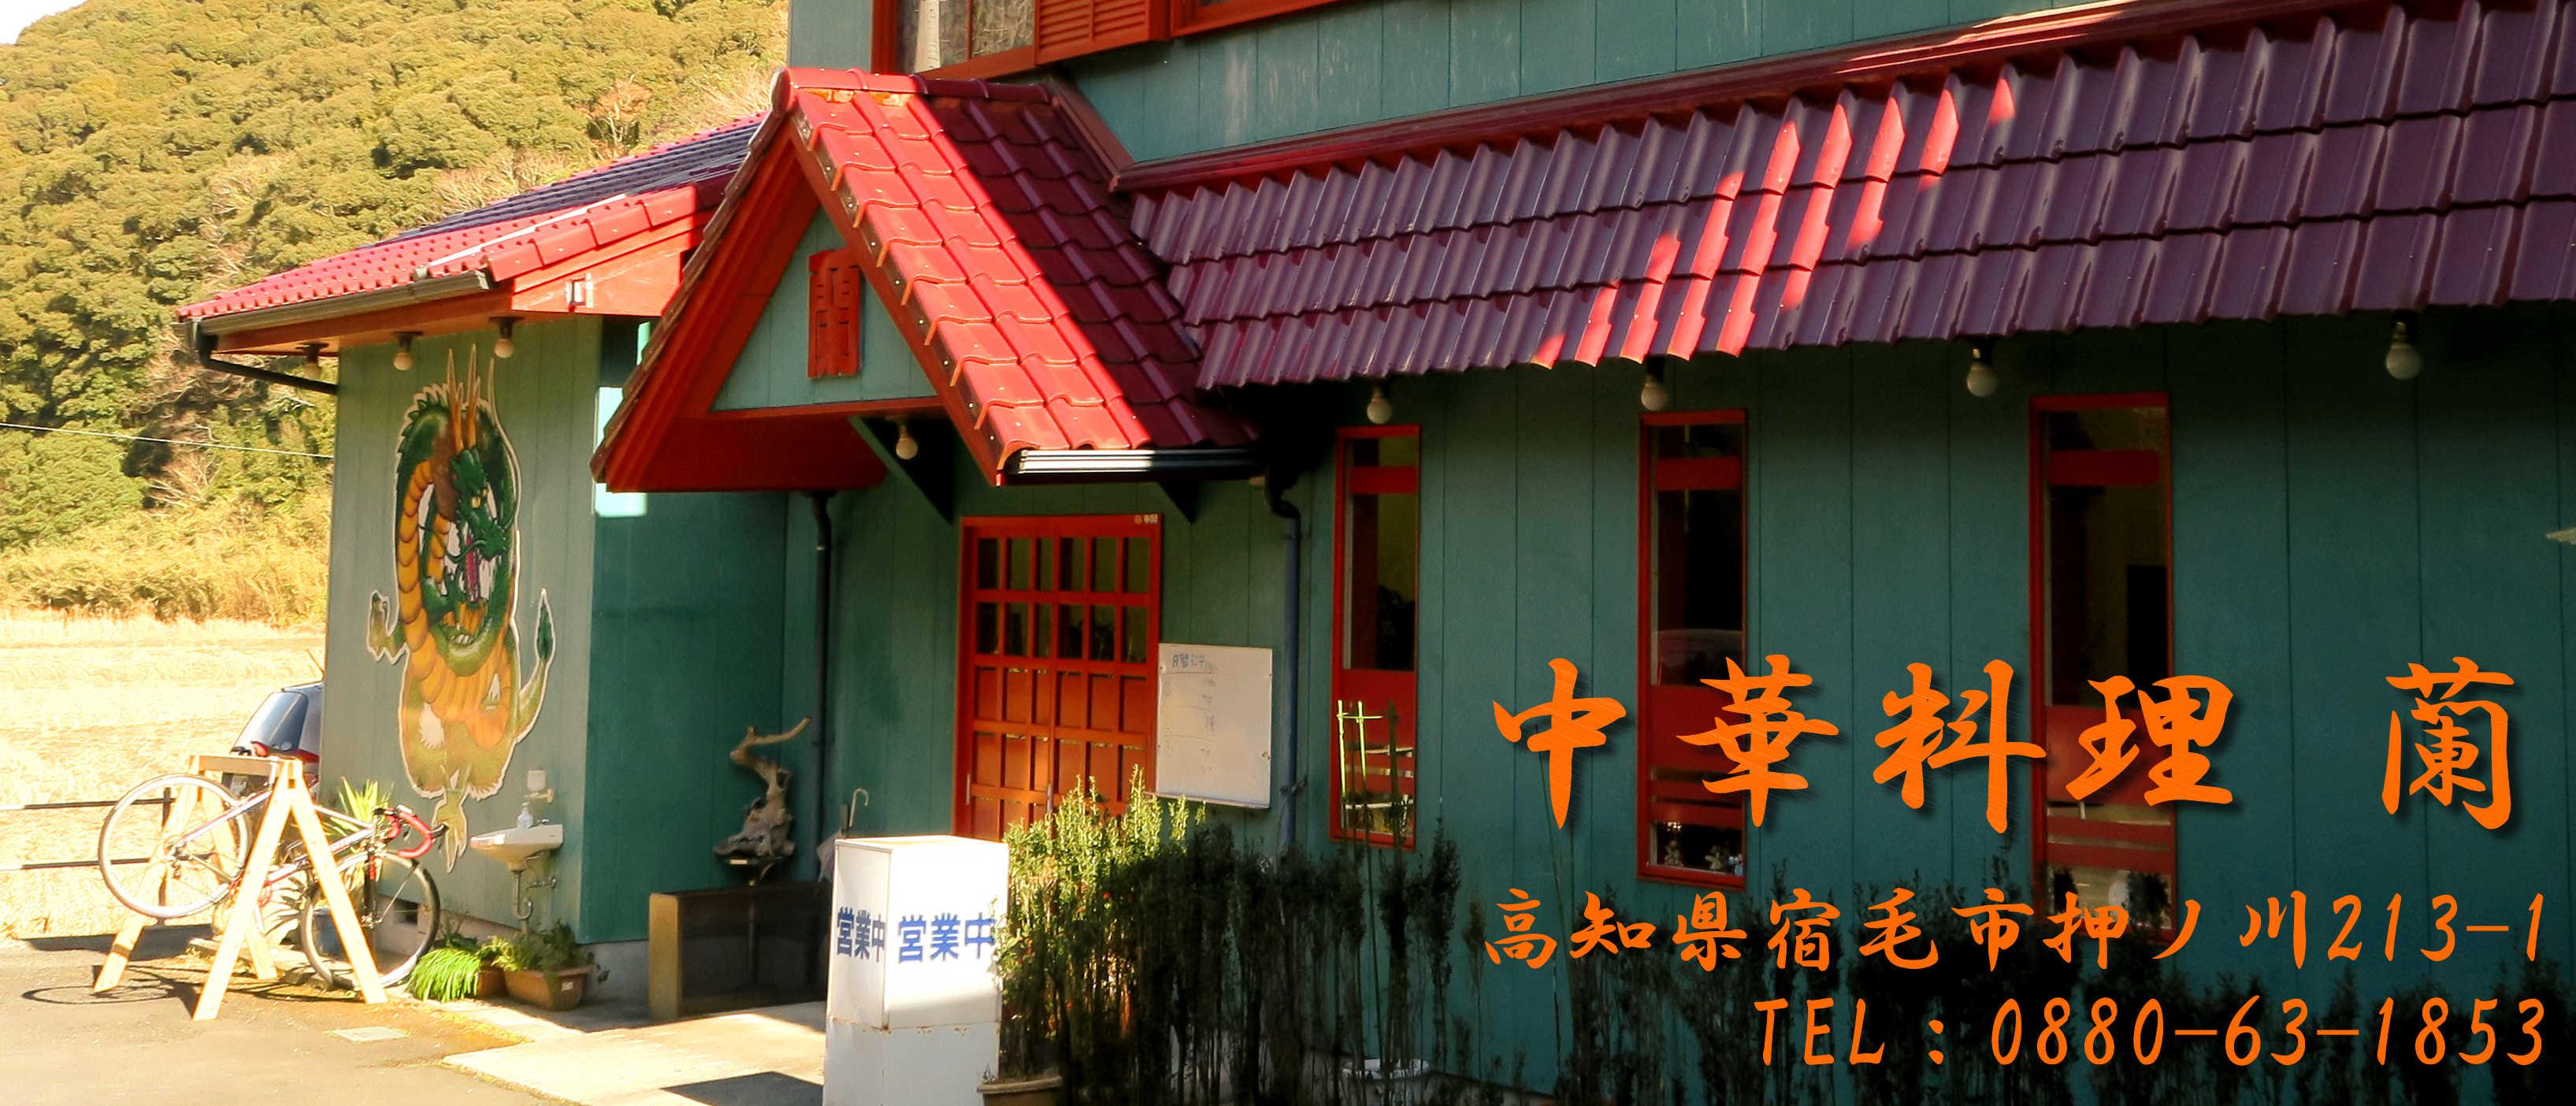 中華料理 蘭